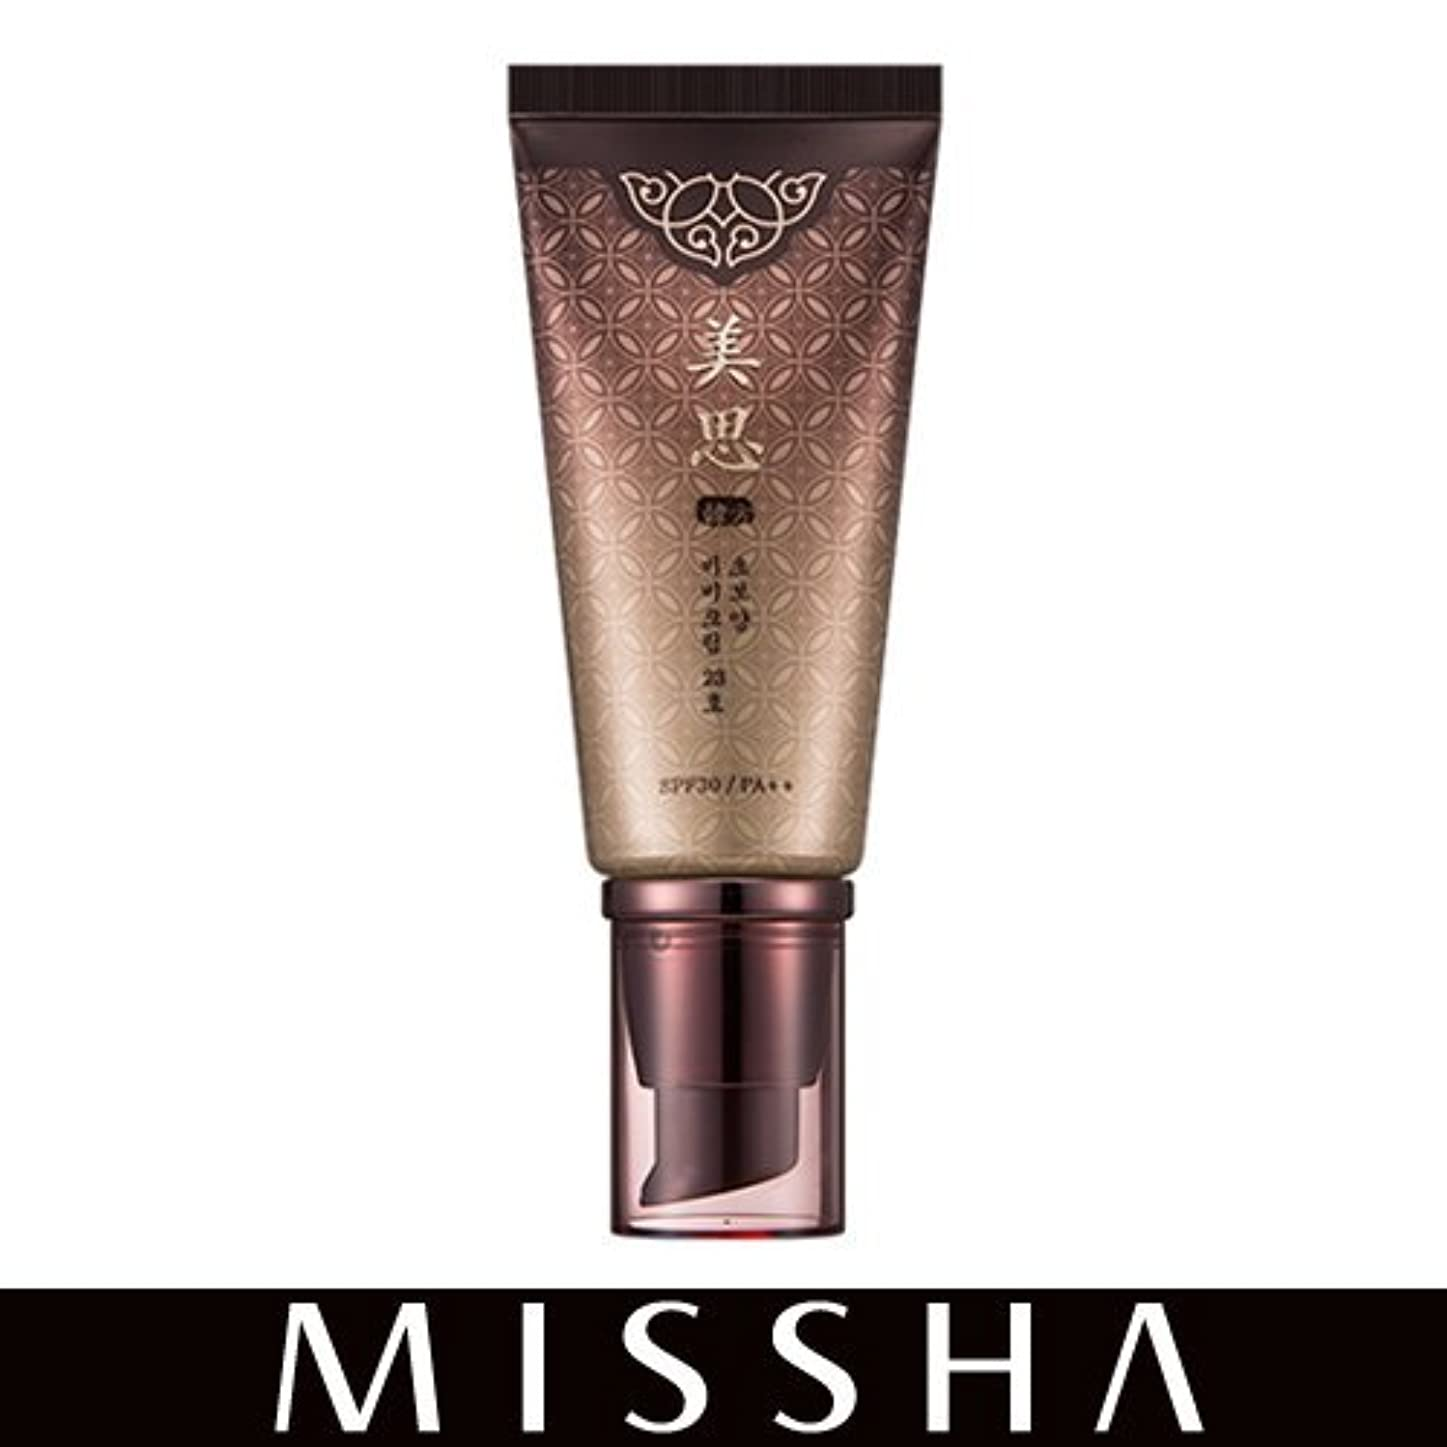 MISSHA/ミシャ チョボヤン BBクリーム[海外直送品] (#23 落ち着いた光)